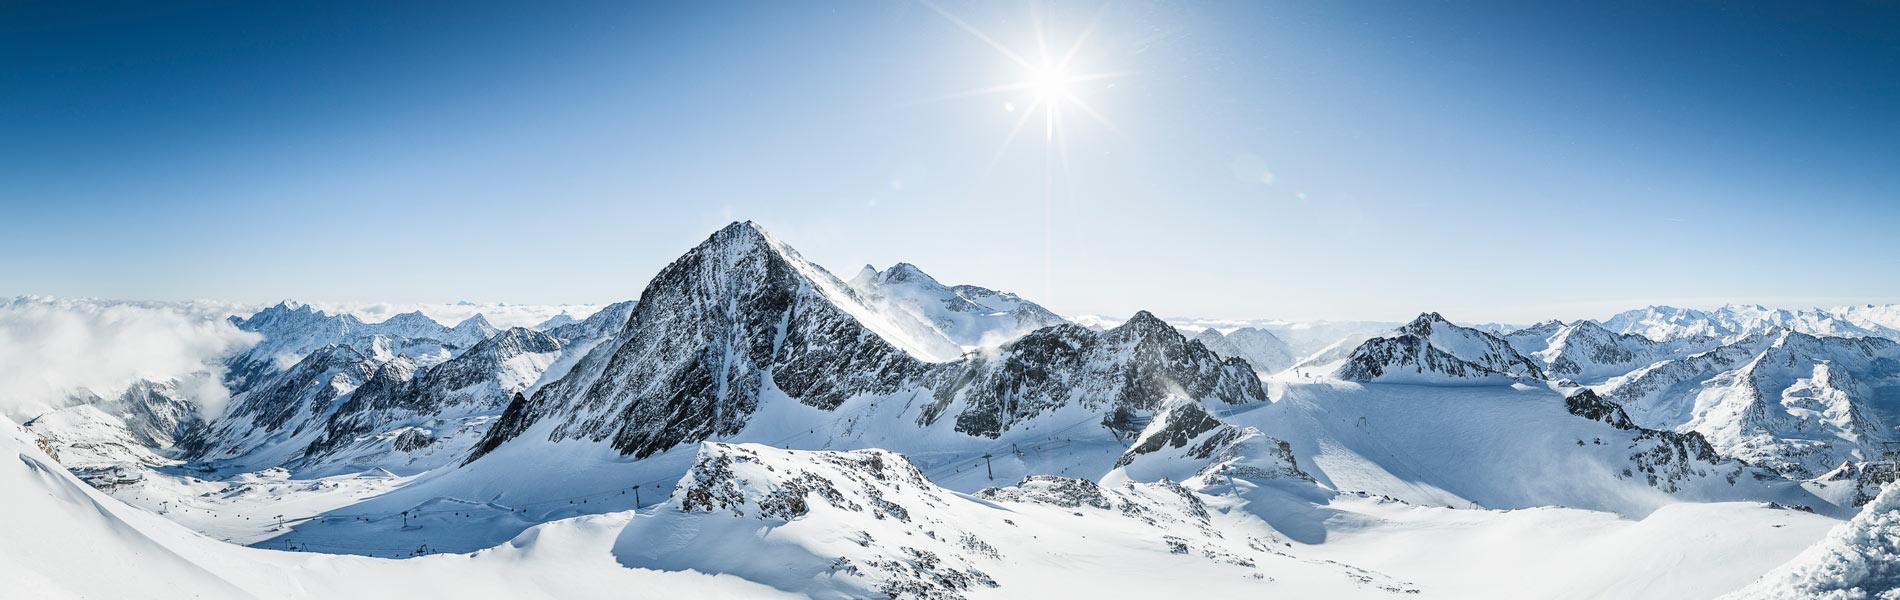 Happy Stubai Hotel Neustift Tirol Stubaier Gletscher Österreich Hostel Pauschalen Angebote Last Minute